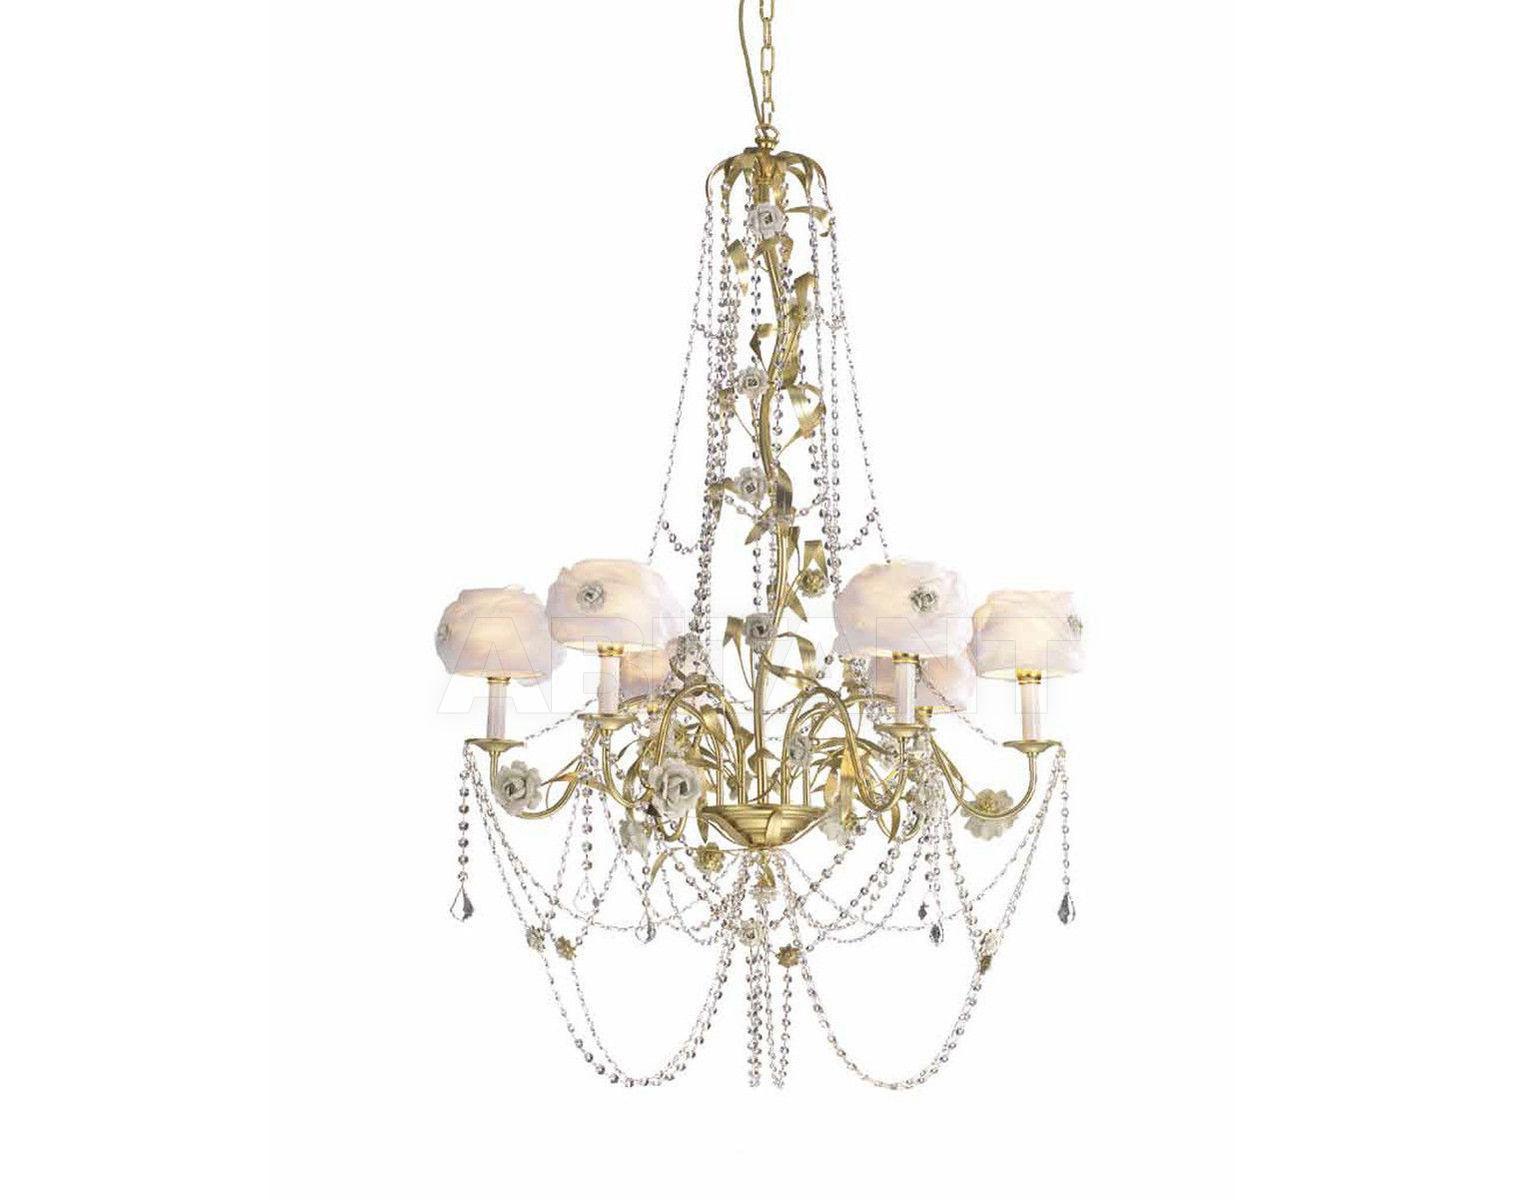 Купить Люстра Villari Home And Lights 4020495-100